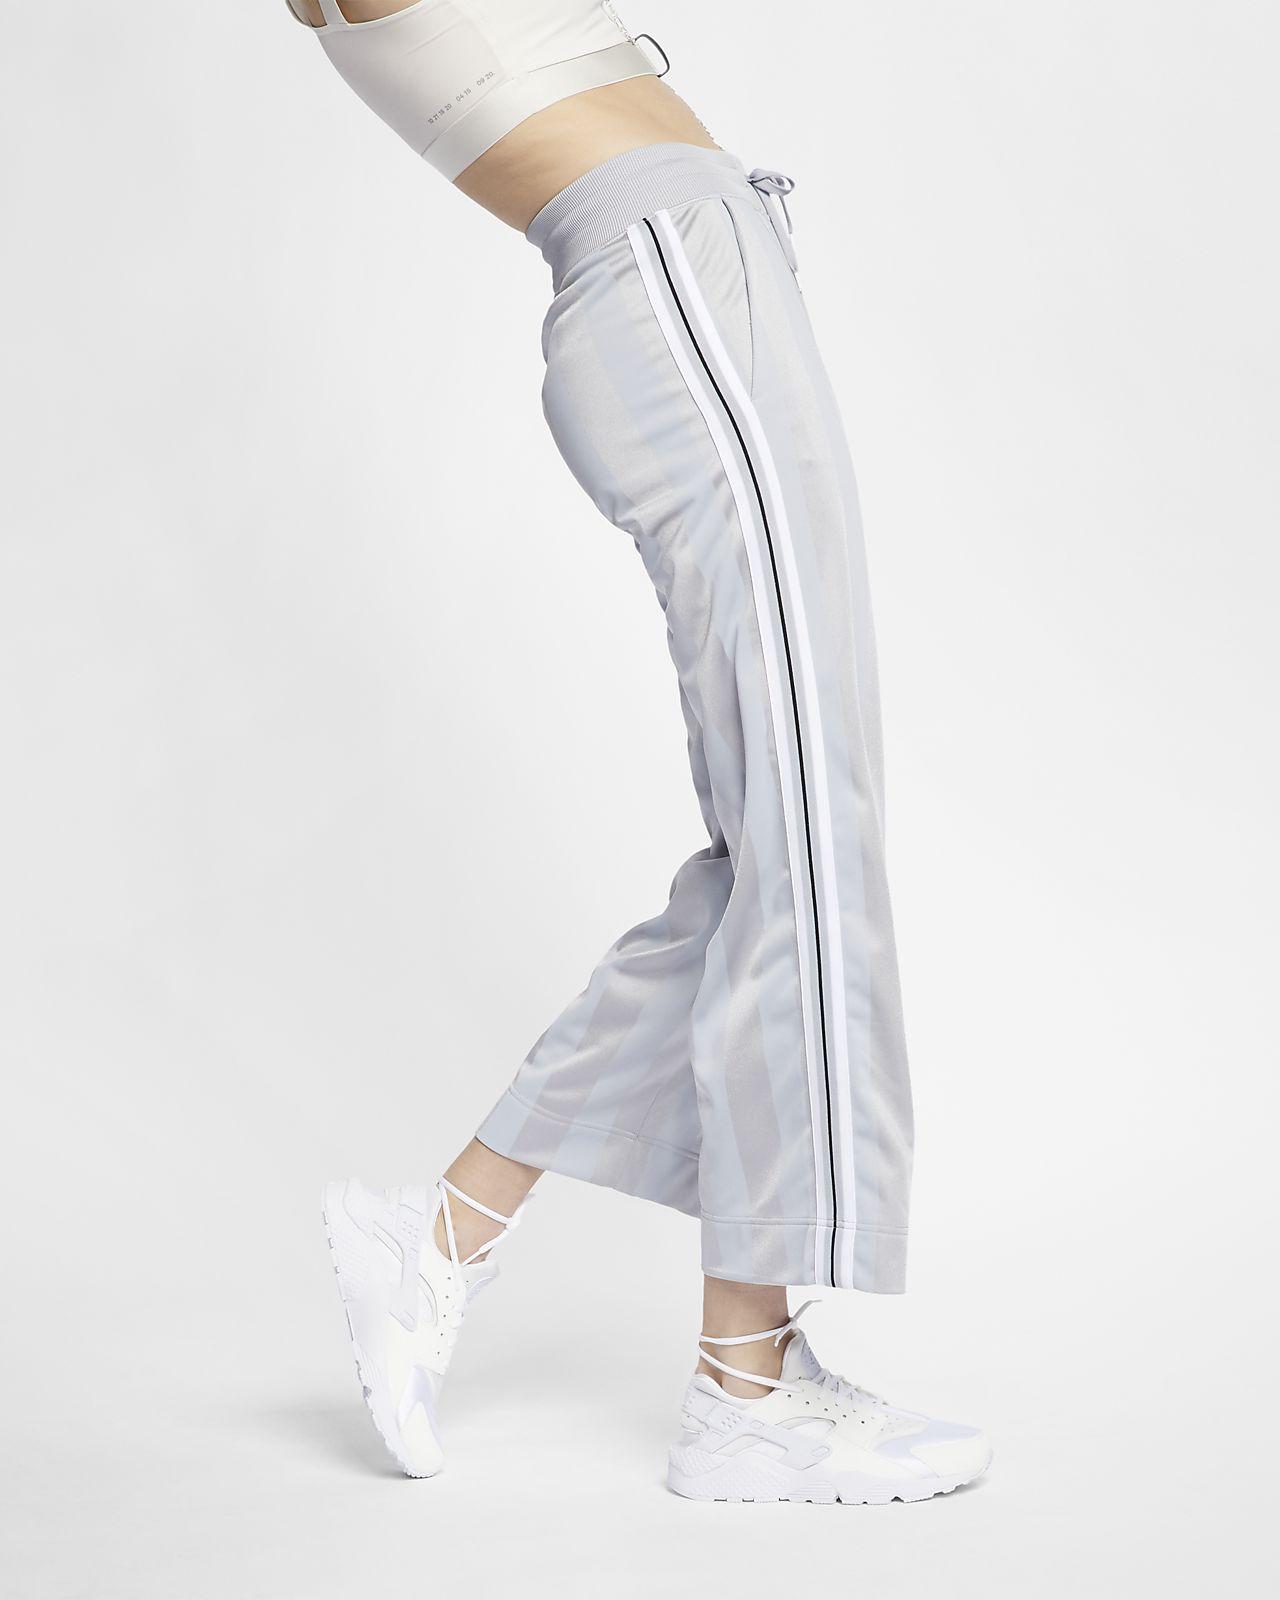 À Nike Pour Fr Femme Pantalon Sportswear Rayures 7qwxdf8g